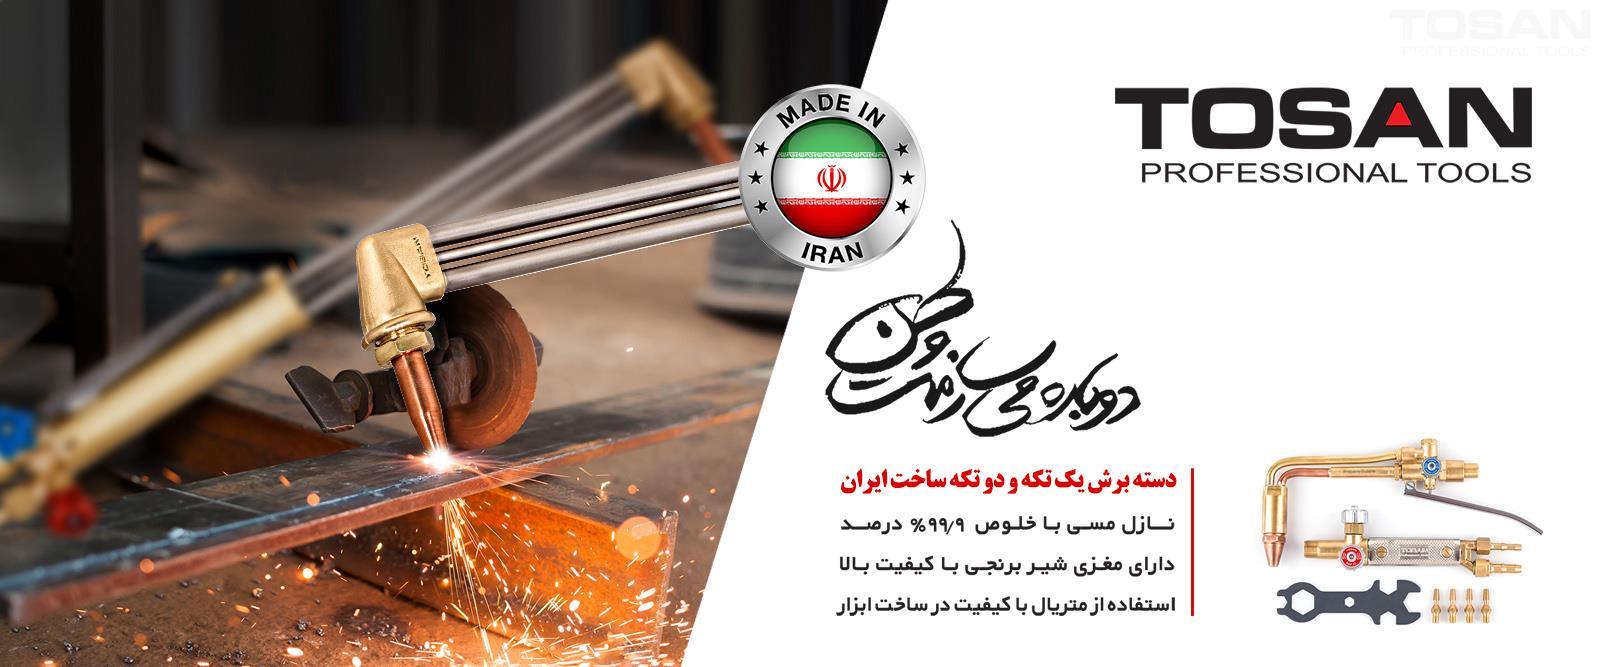 دسته برش های ساخت ایران